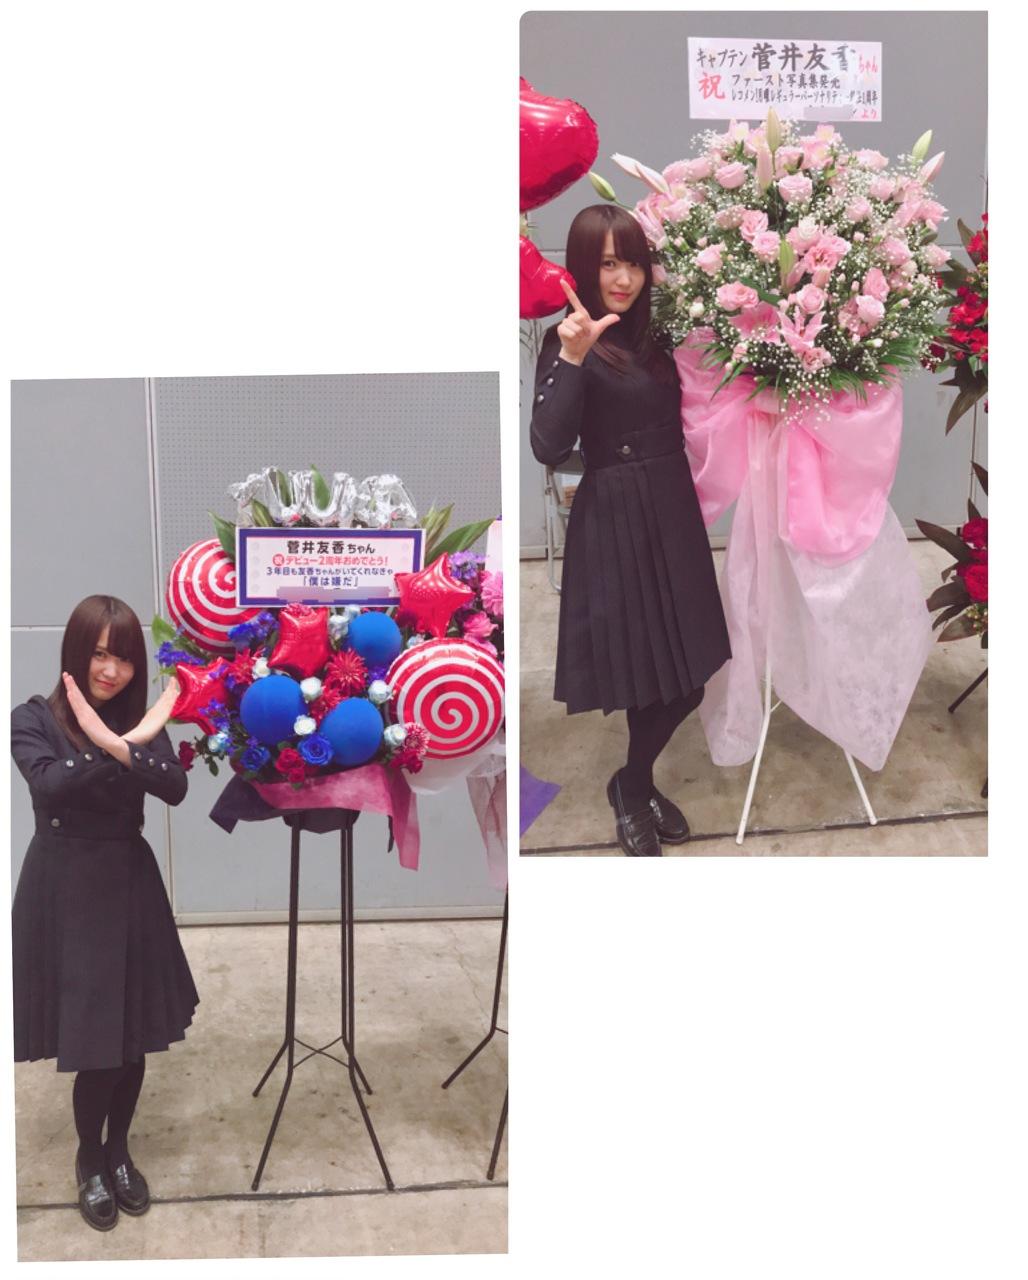 菅井友香 2020 薔薇 9 済み